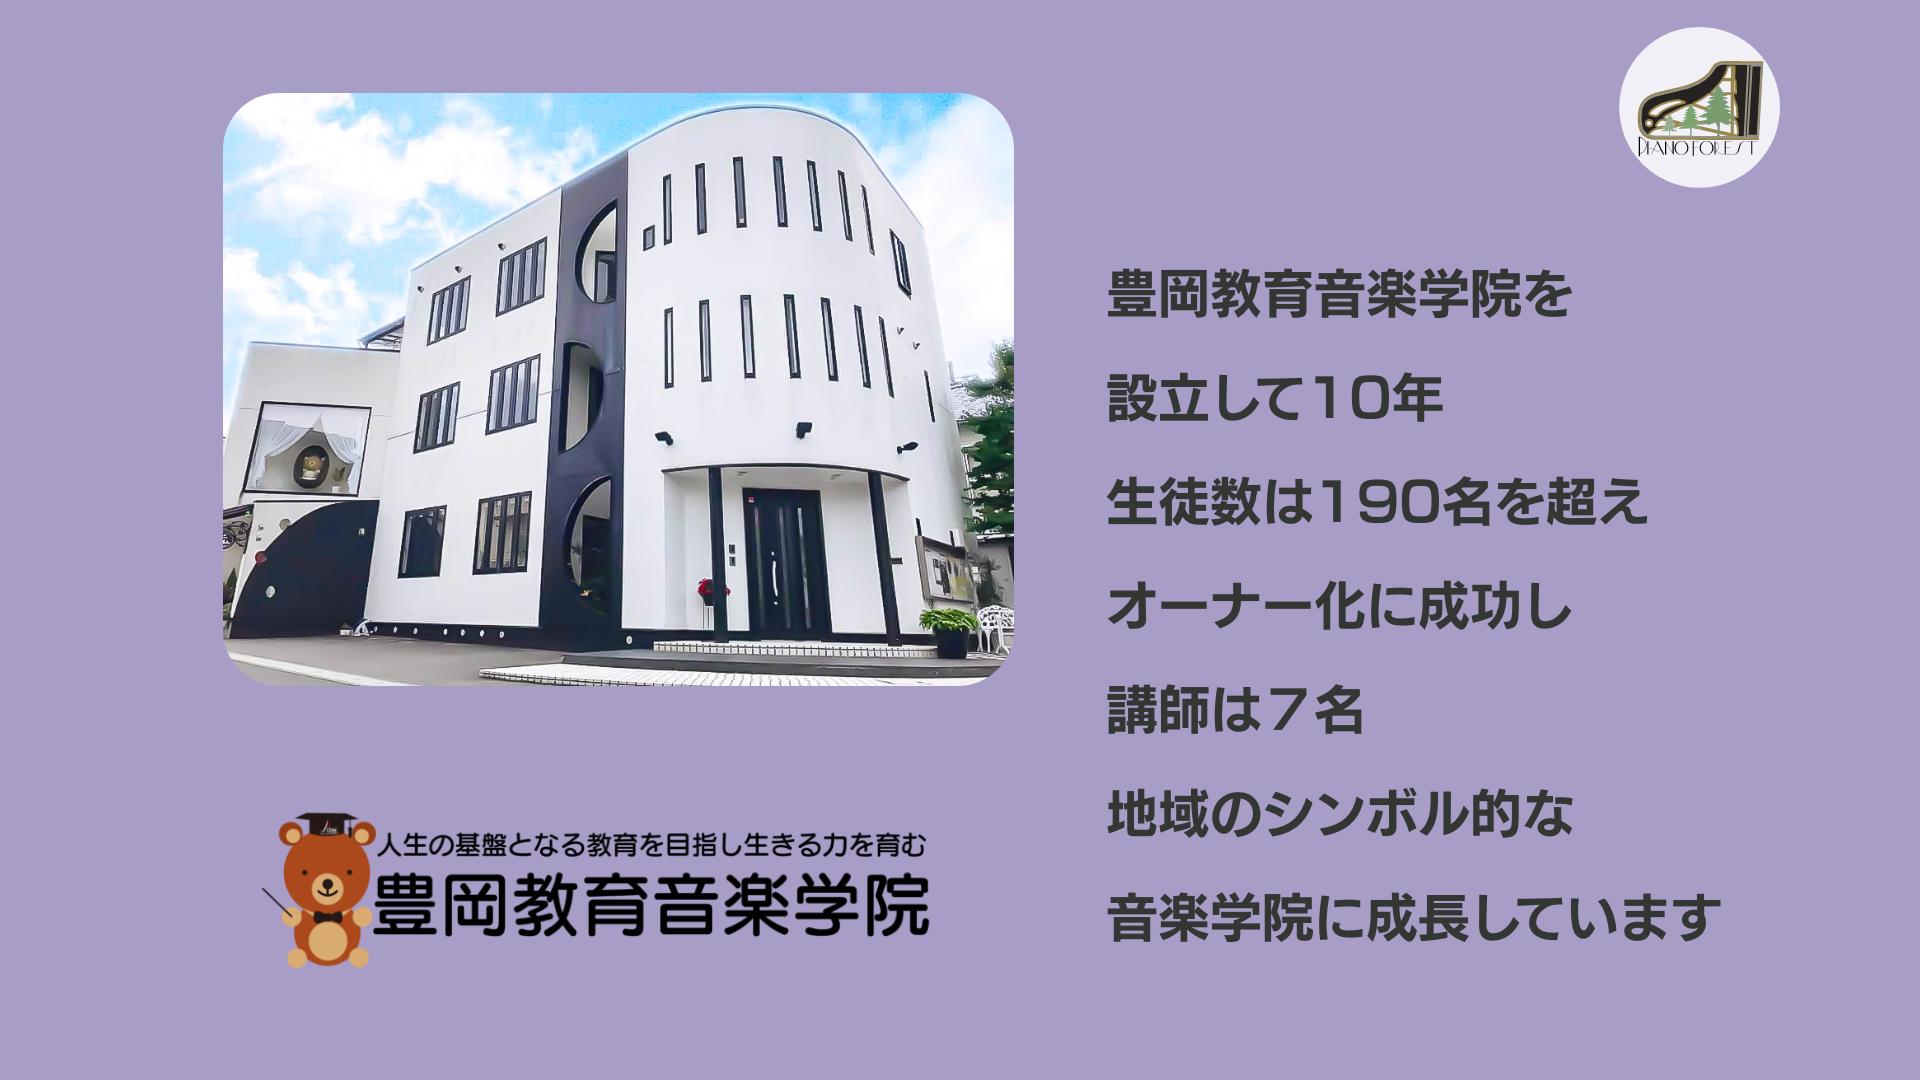 tamura-card00001